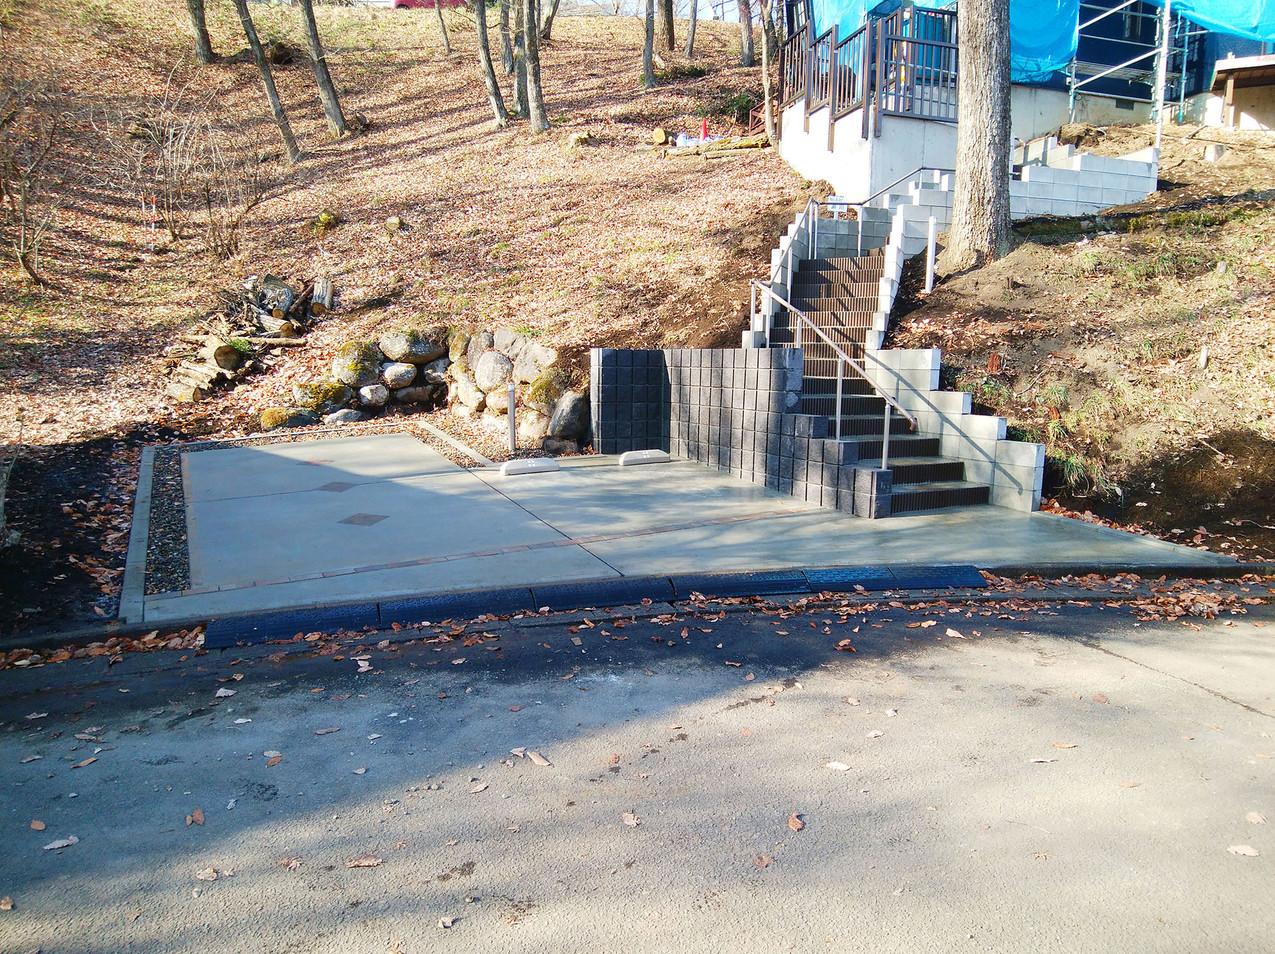 立派な階段アプローチと駐車場は、安全・安心に配慮した設計になっております。